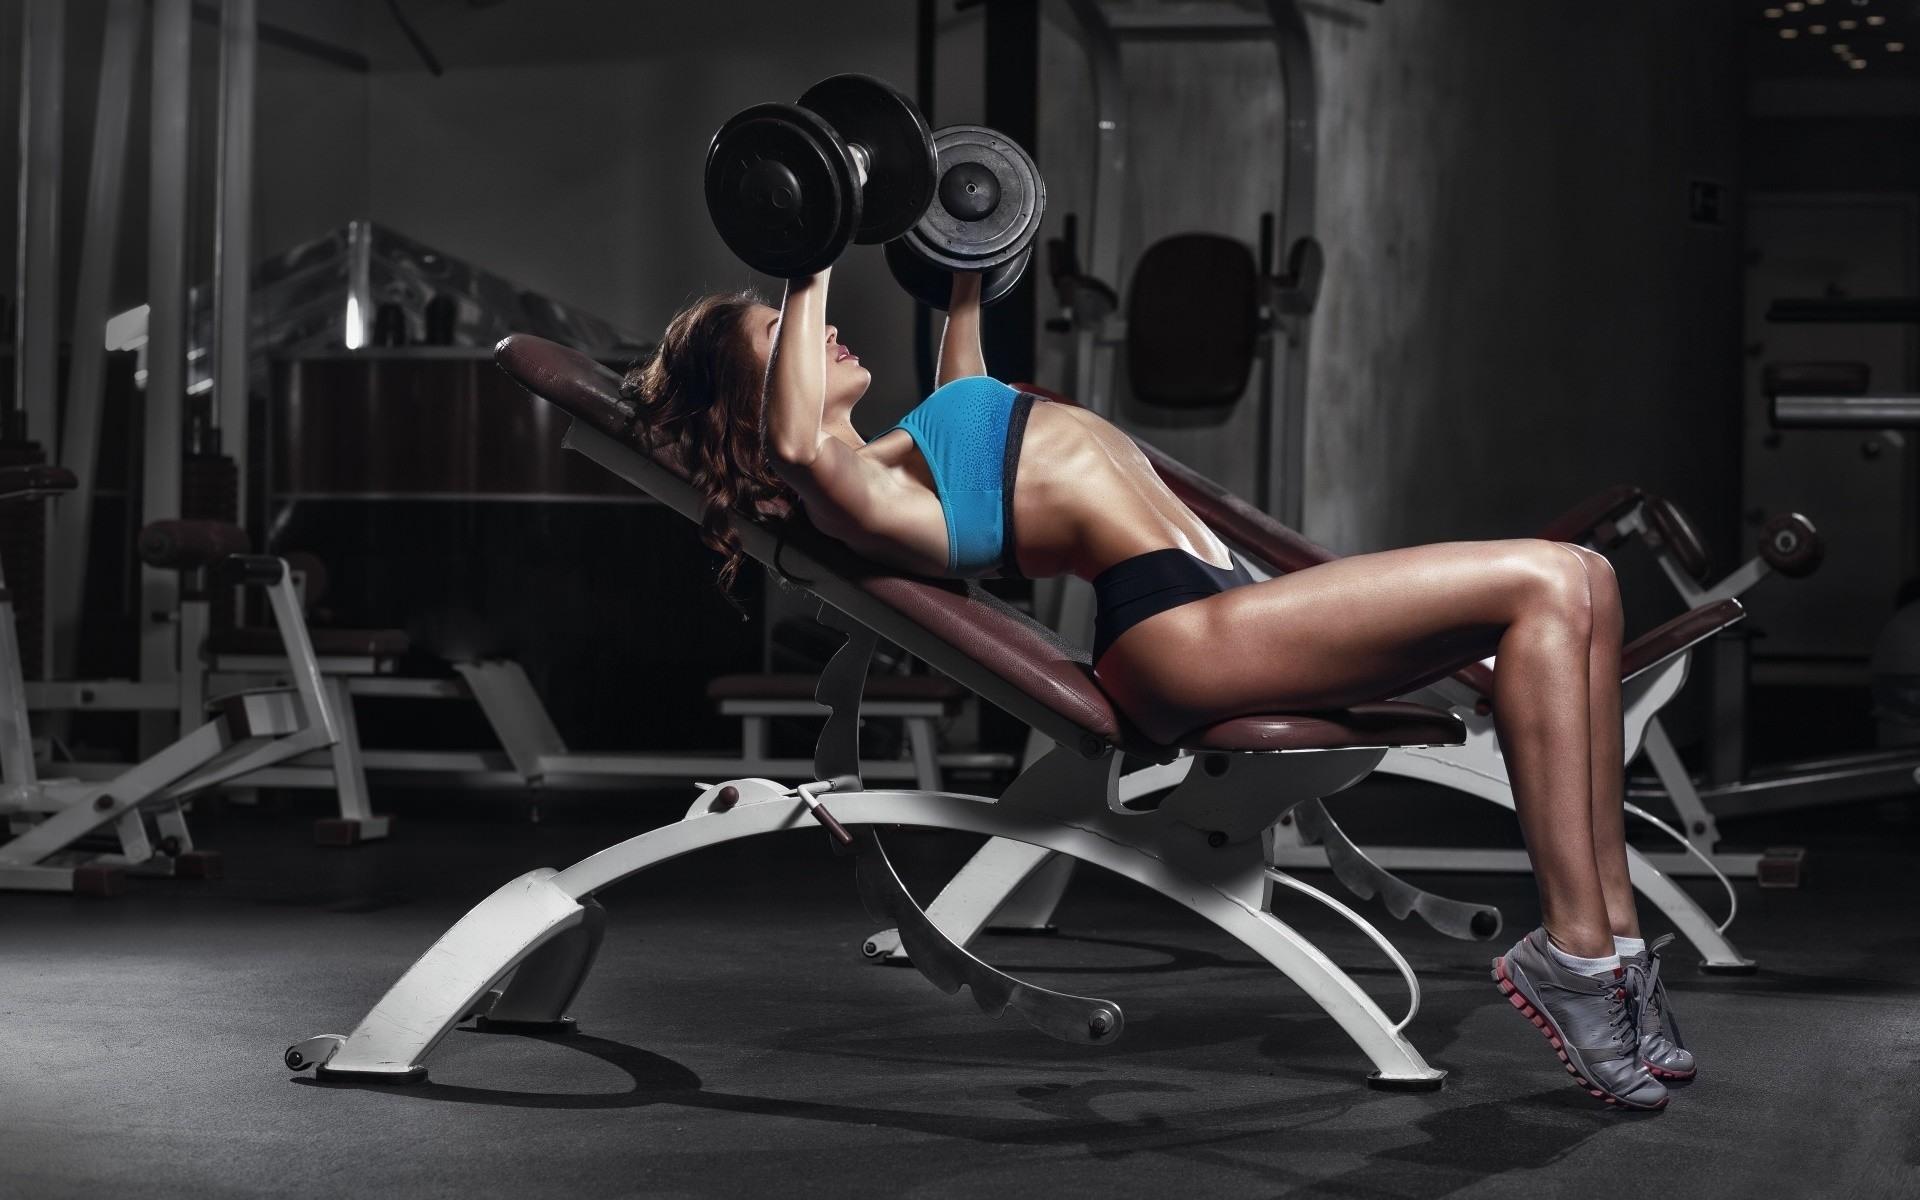 Фото Девушка в тренажерном зале, идеальная фигура, жим гантелей на наклонной скамье, сексуальное спортивное женское тело, скачать картинку бесплатно